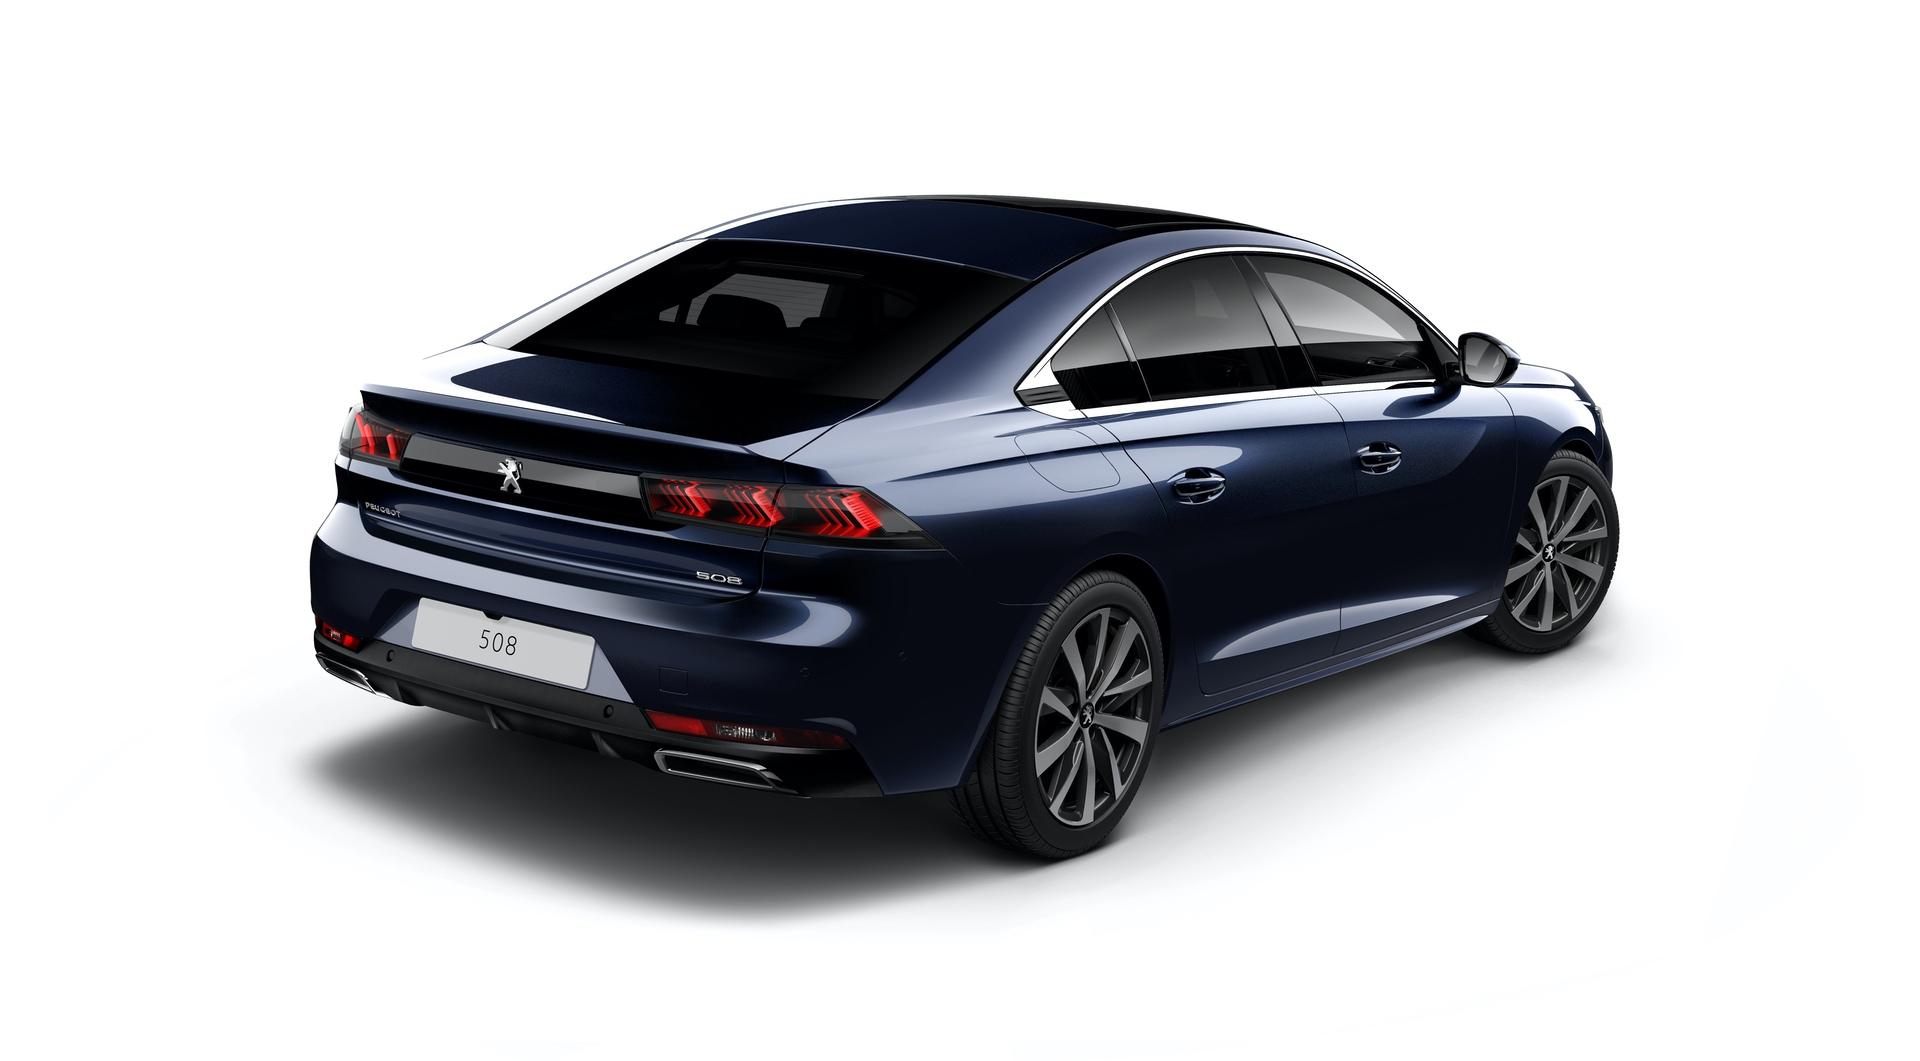 2018_Peugeot_508_0007